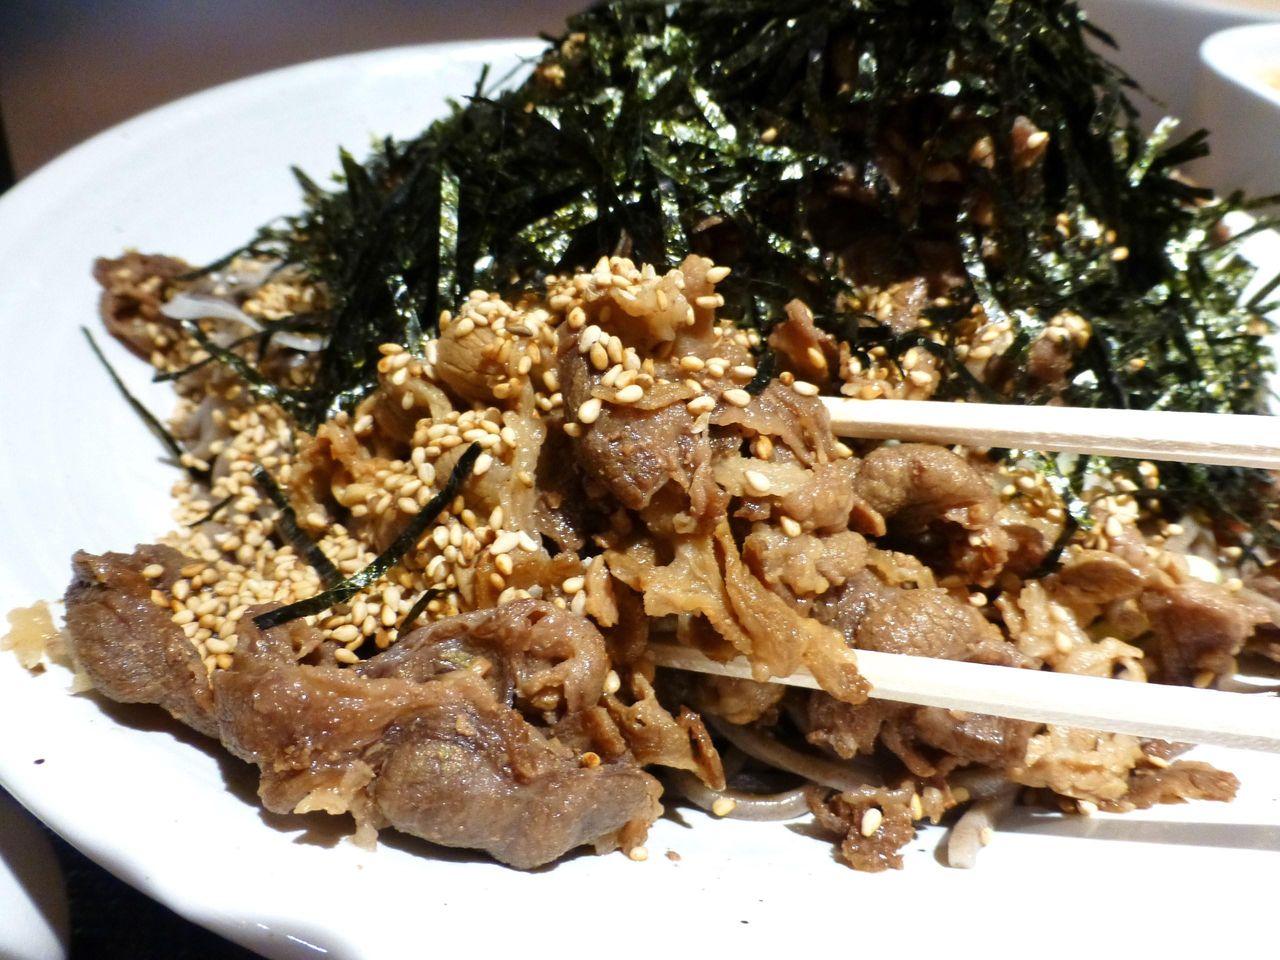 ダシで煮込んだ牛バラ肉が、タップリのっています!